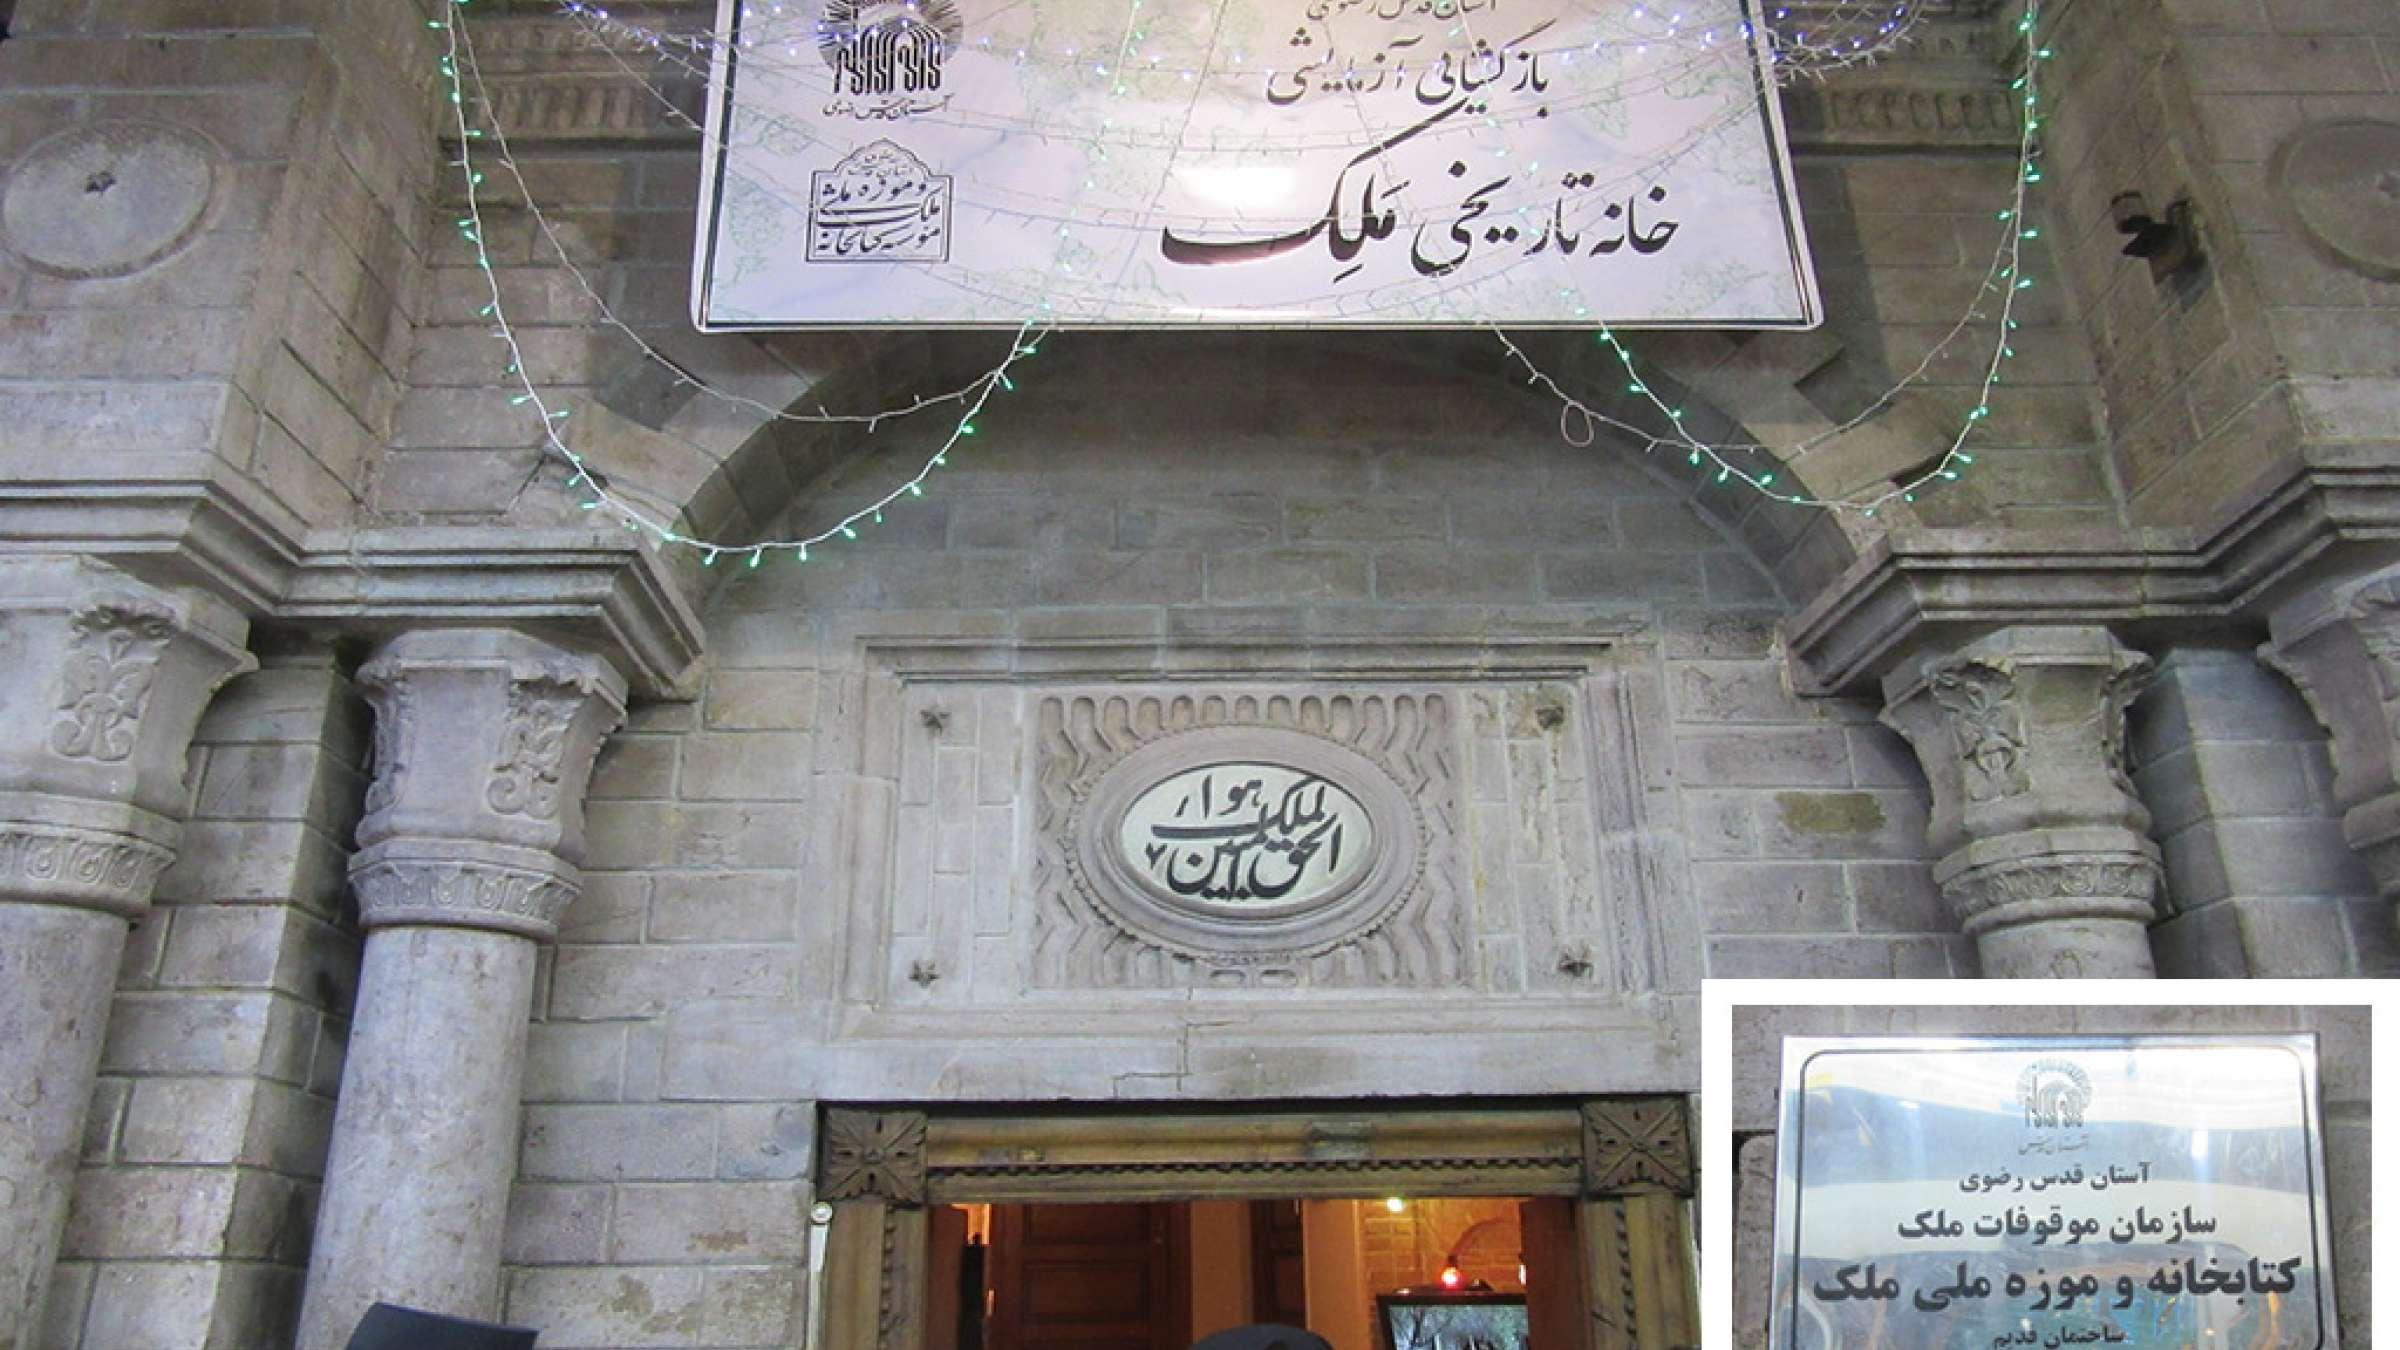 ادبیات-گلمحمدی-با-من-به-بازار-تهران-بیایید-خانه-تاریخی-ملک-موزه